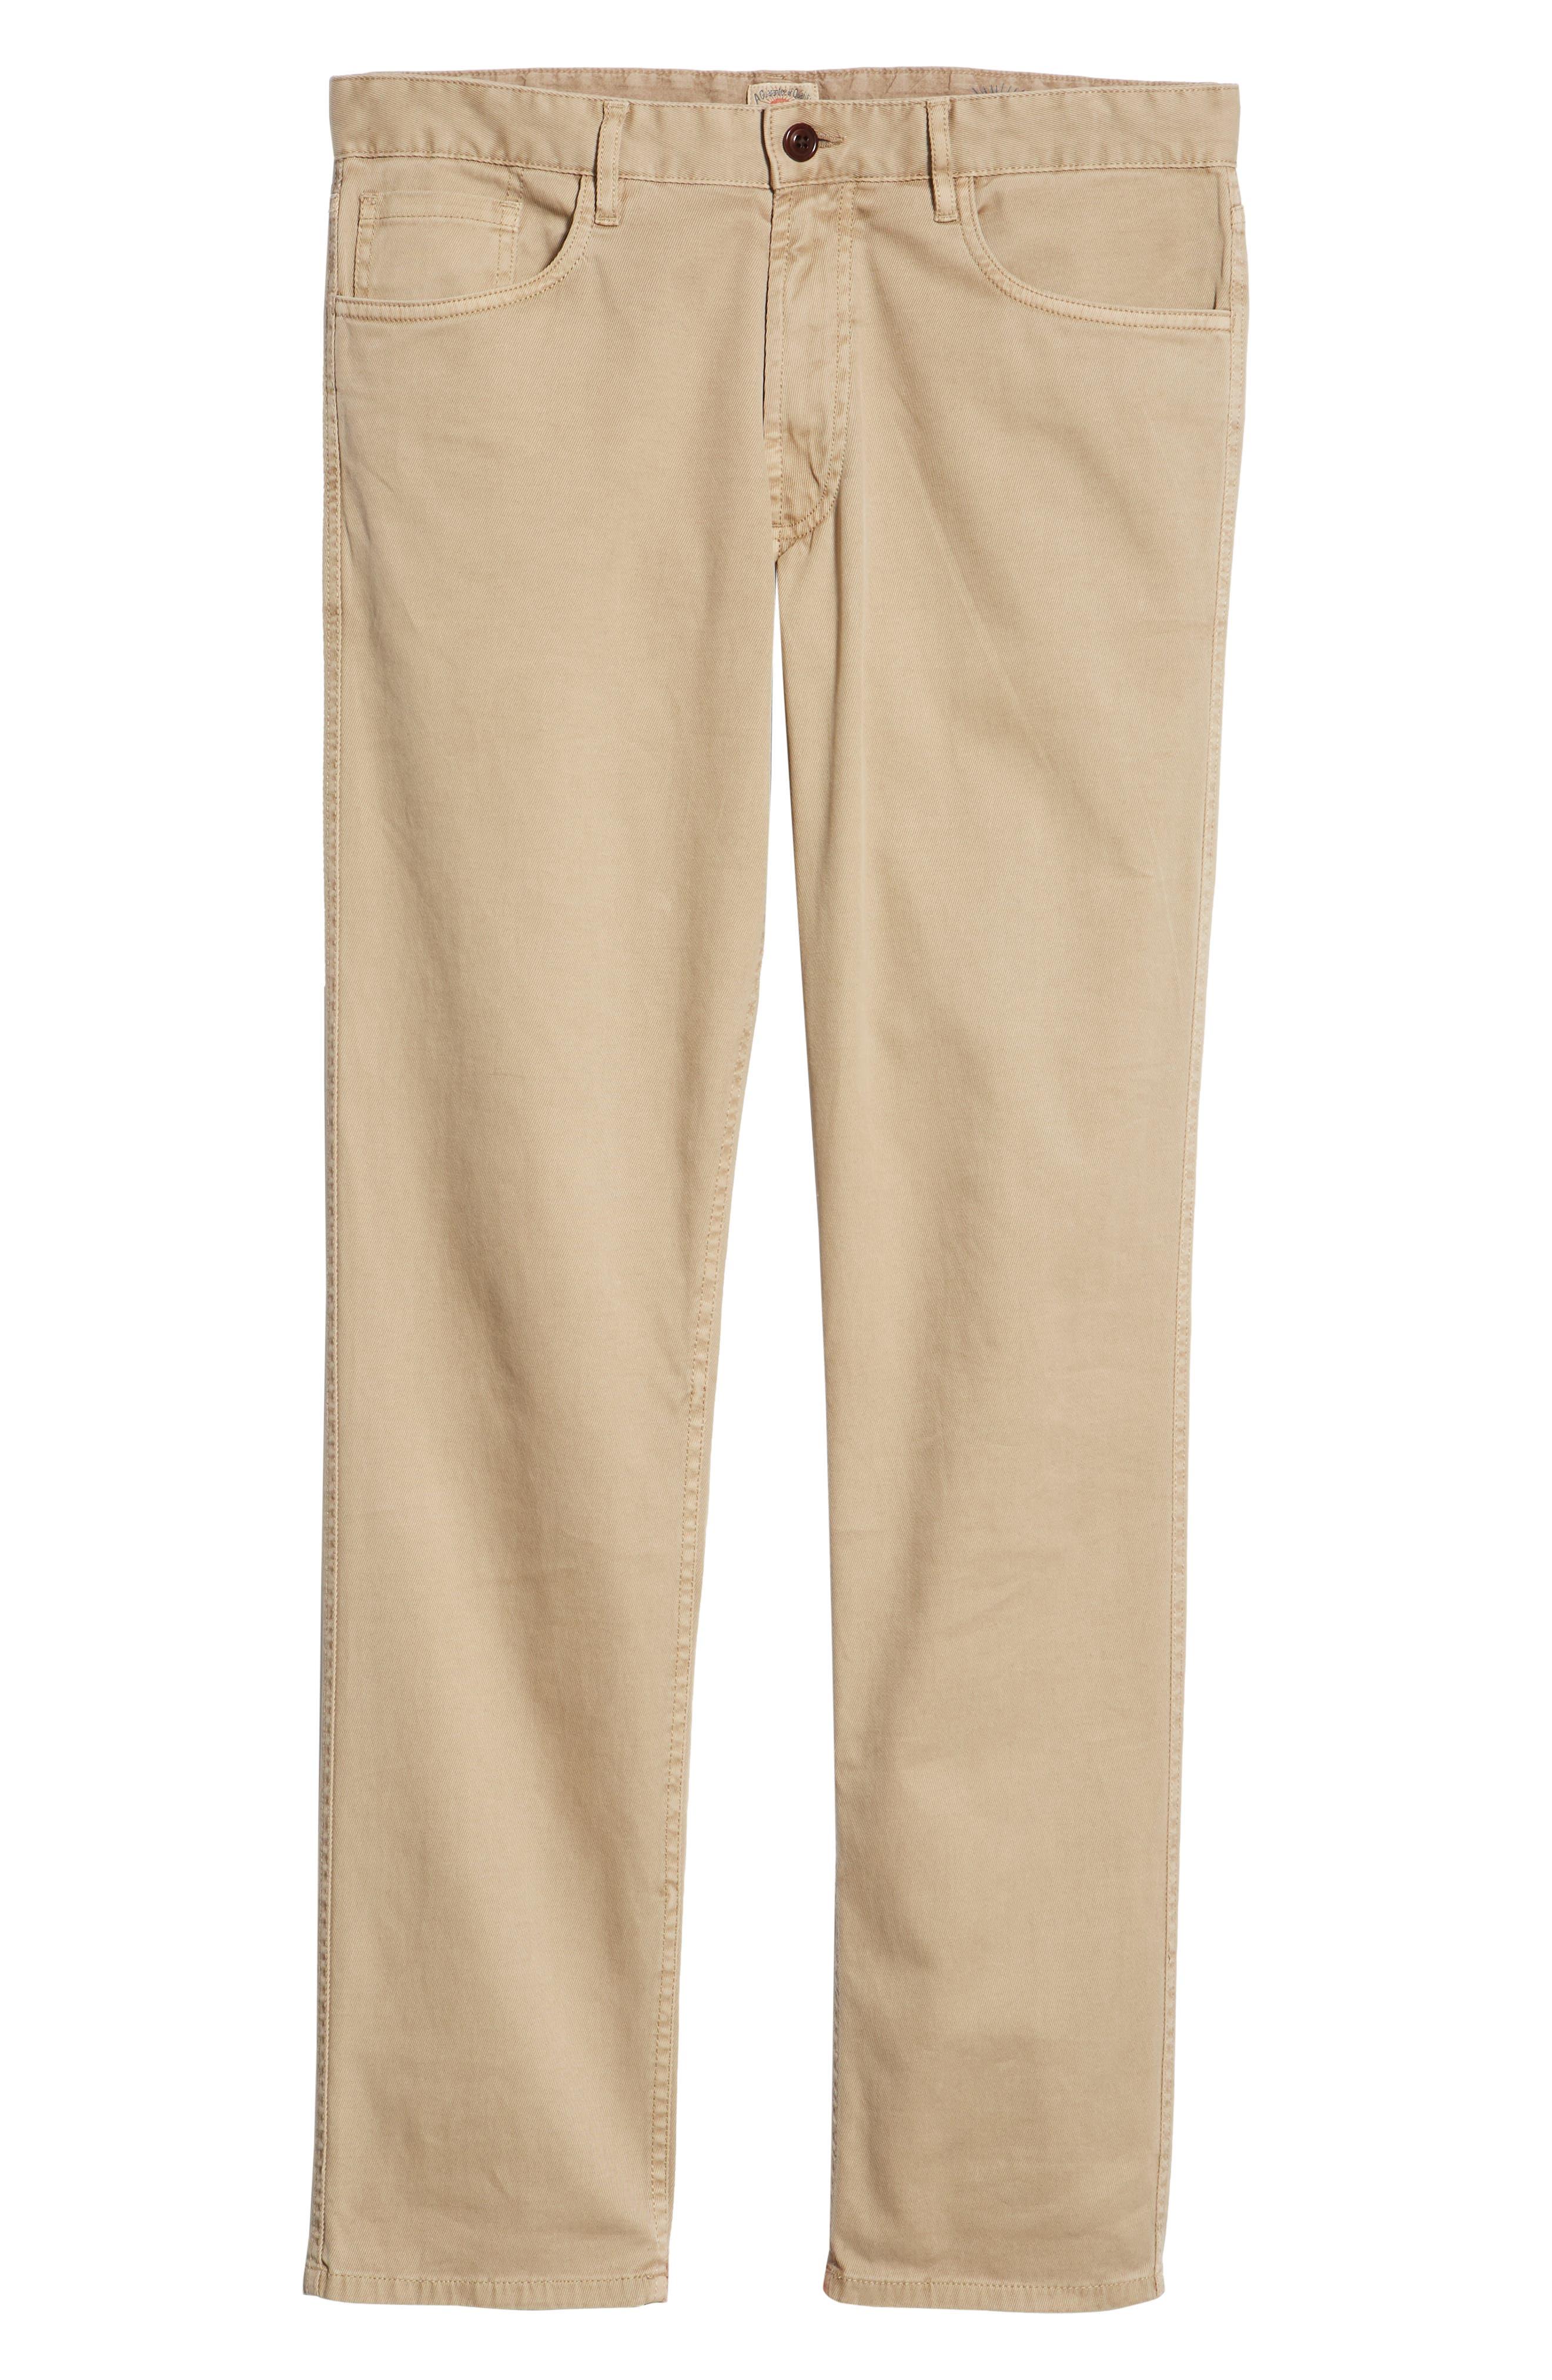 Comfort Twill Five-Pocket Pants,                             Alternate thumbnail 6, color,                             KHAKI